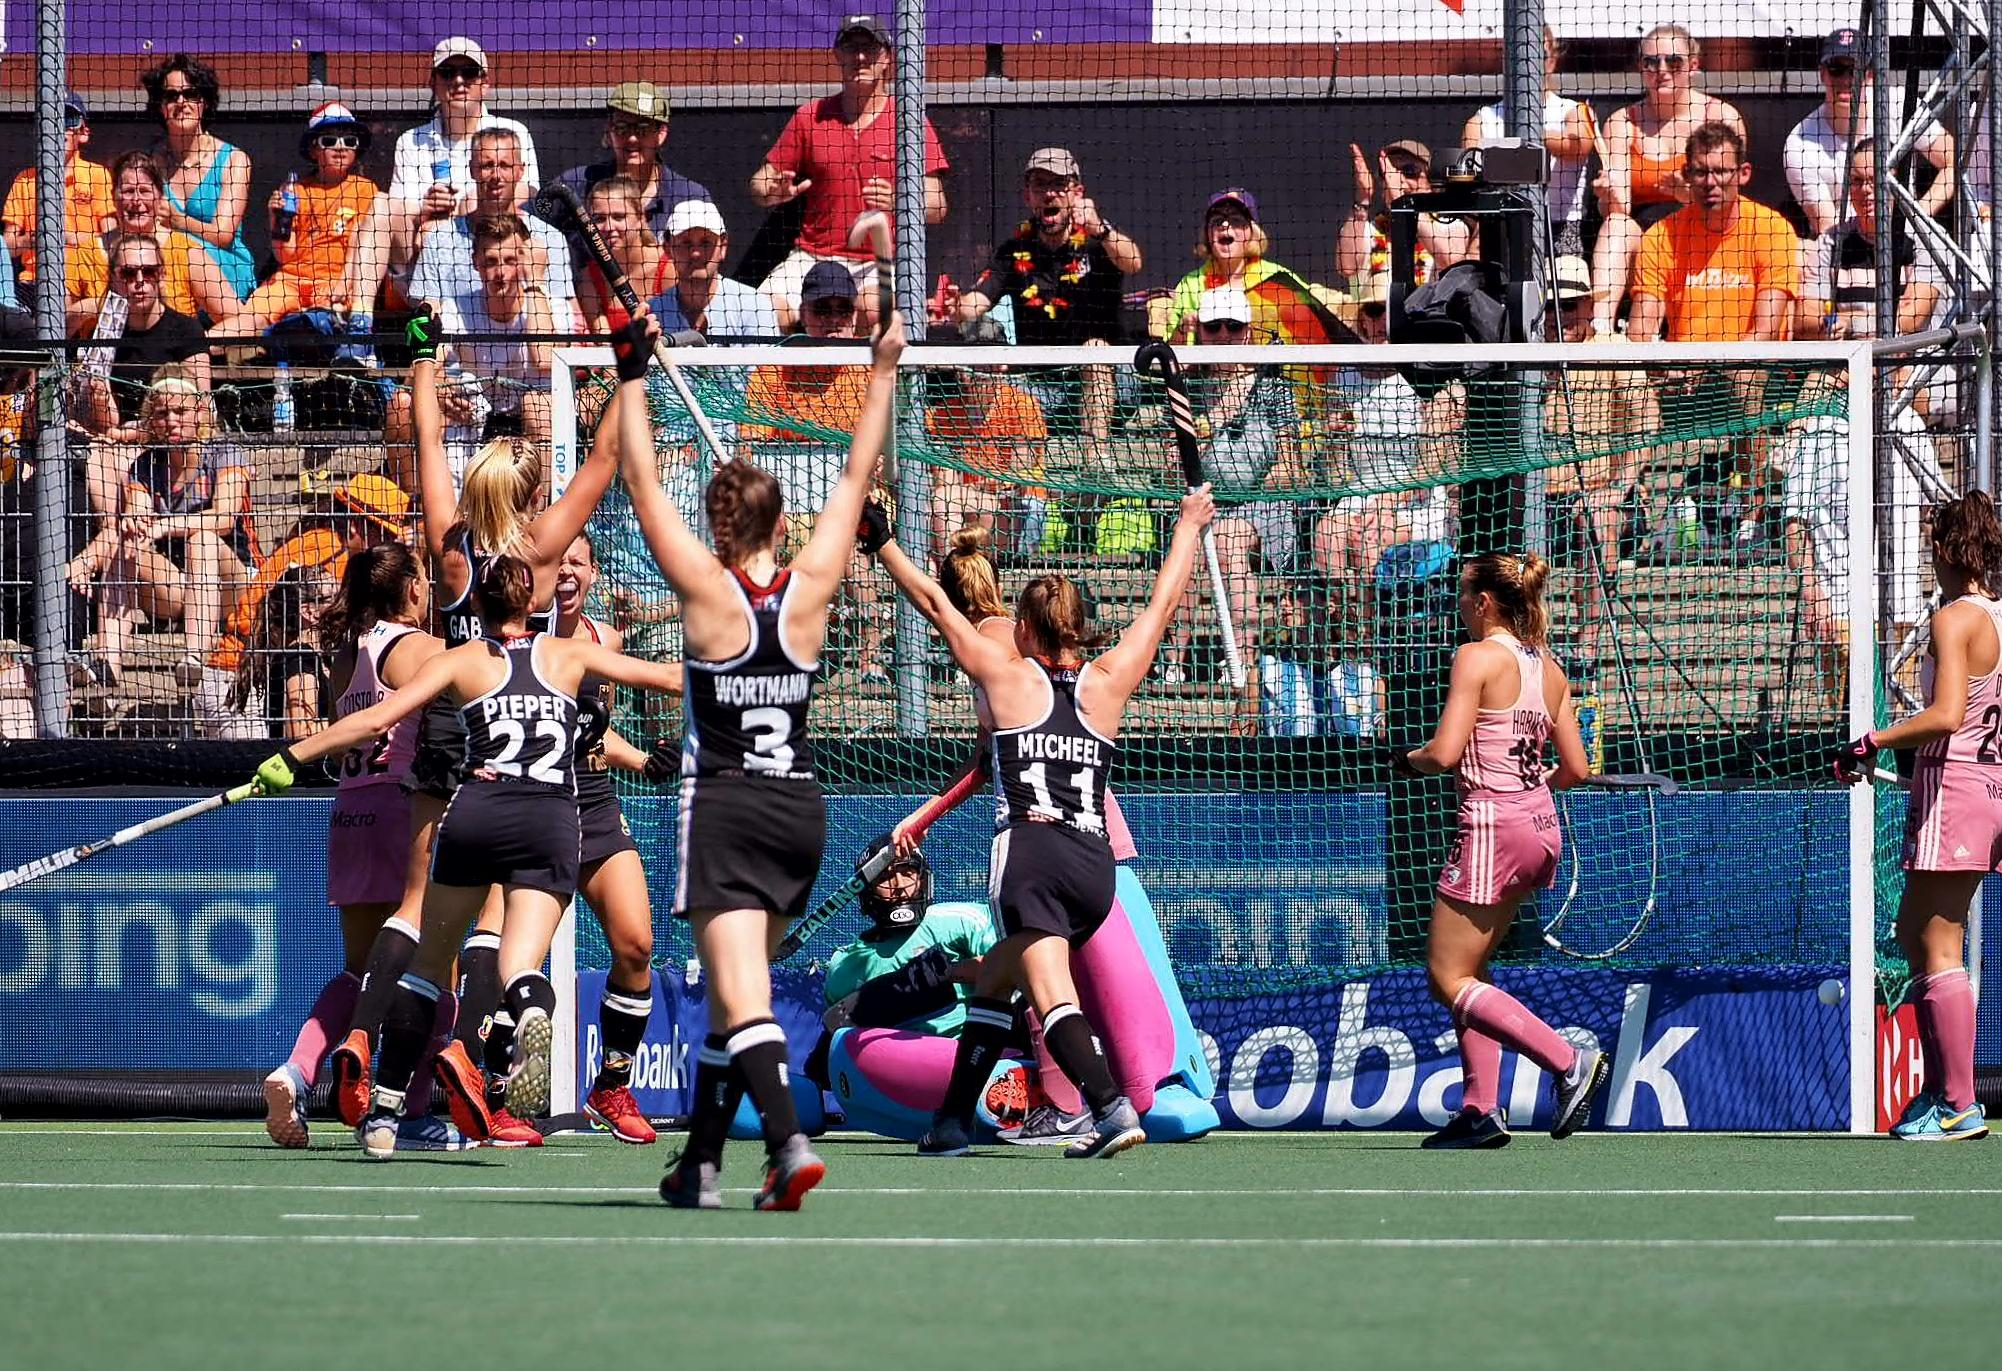 Round-up Pro League troostfinale (D): Duitsland pakt de bronzen medaille na een zware strijd tegen Argentinie